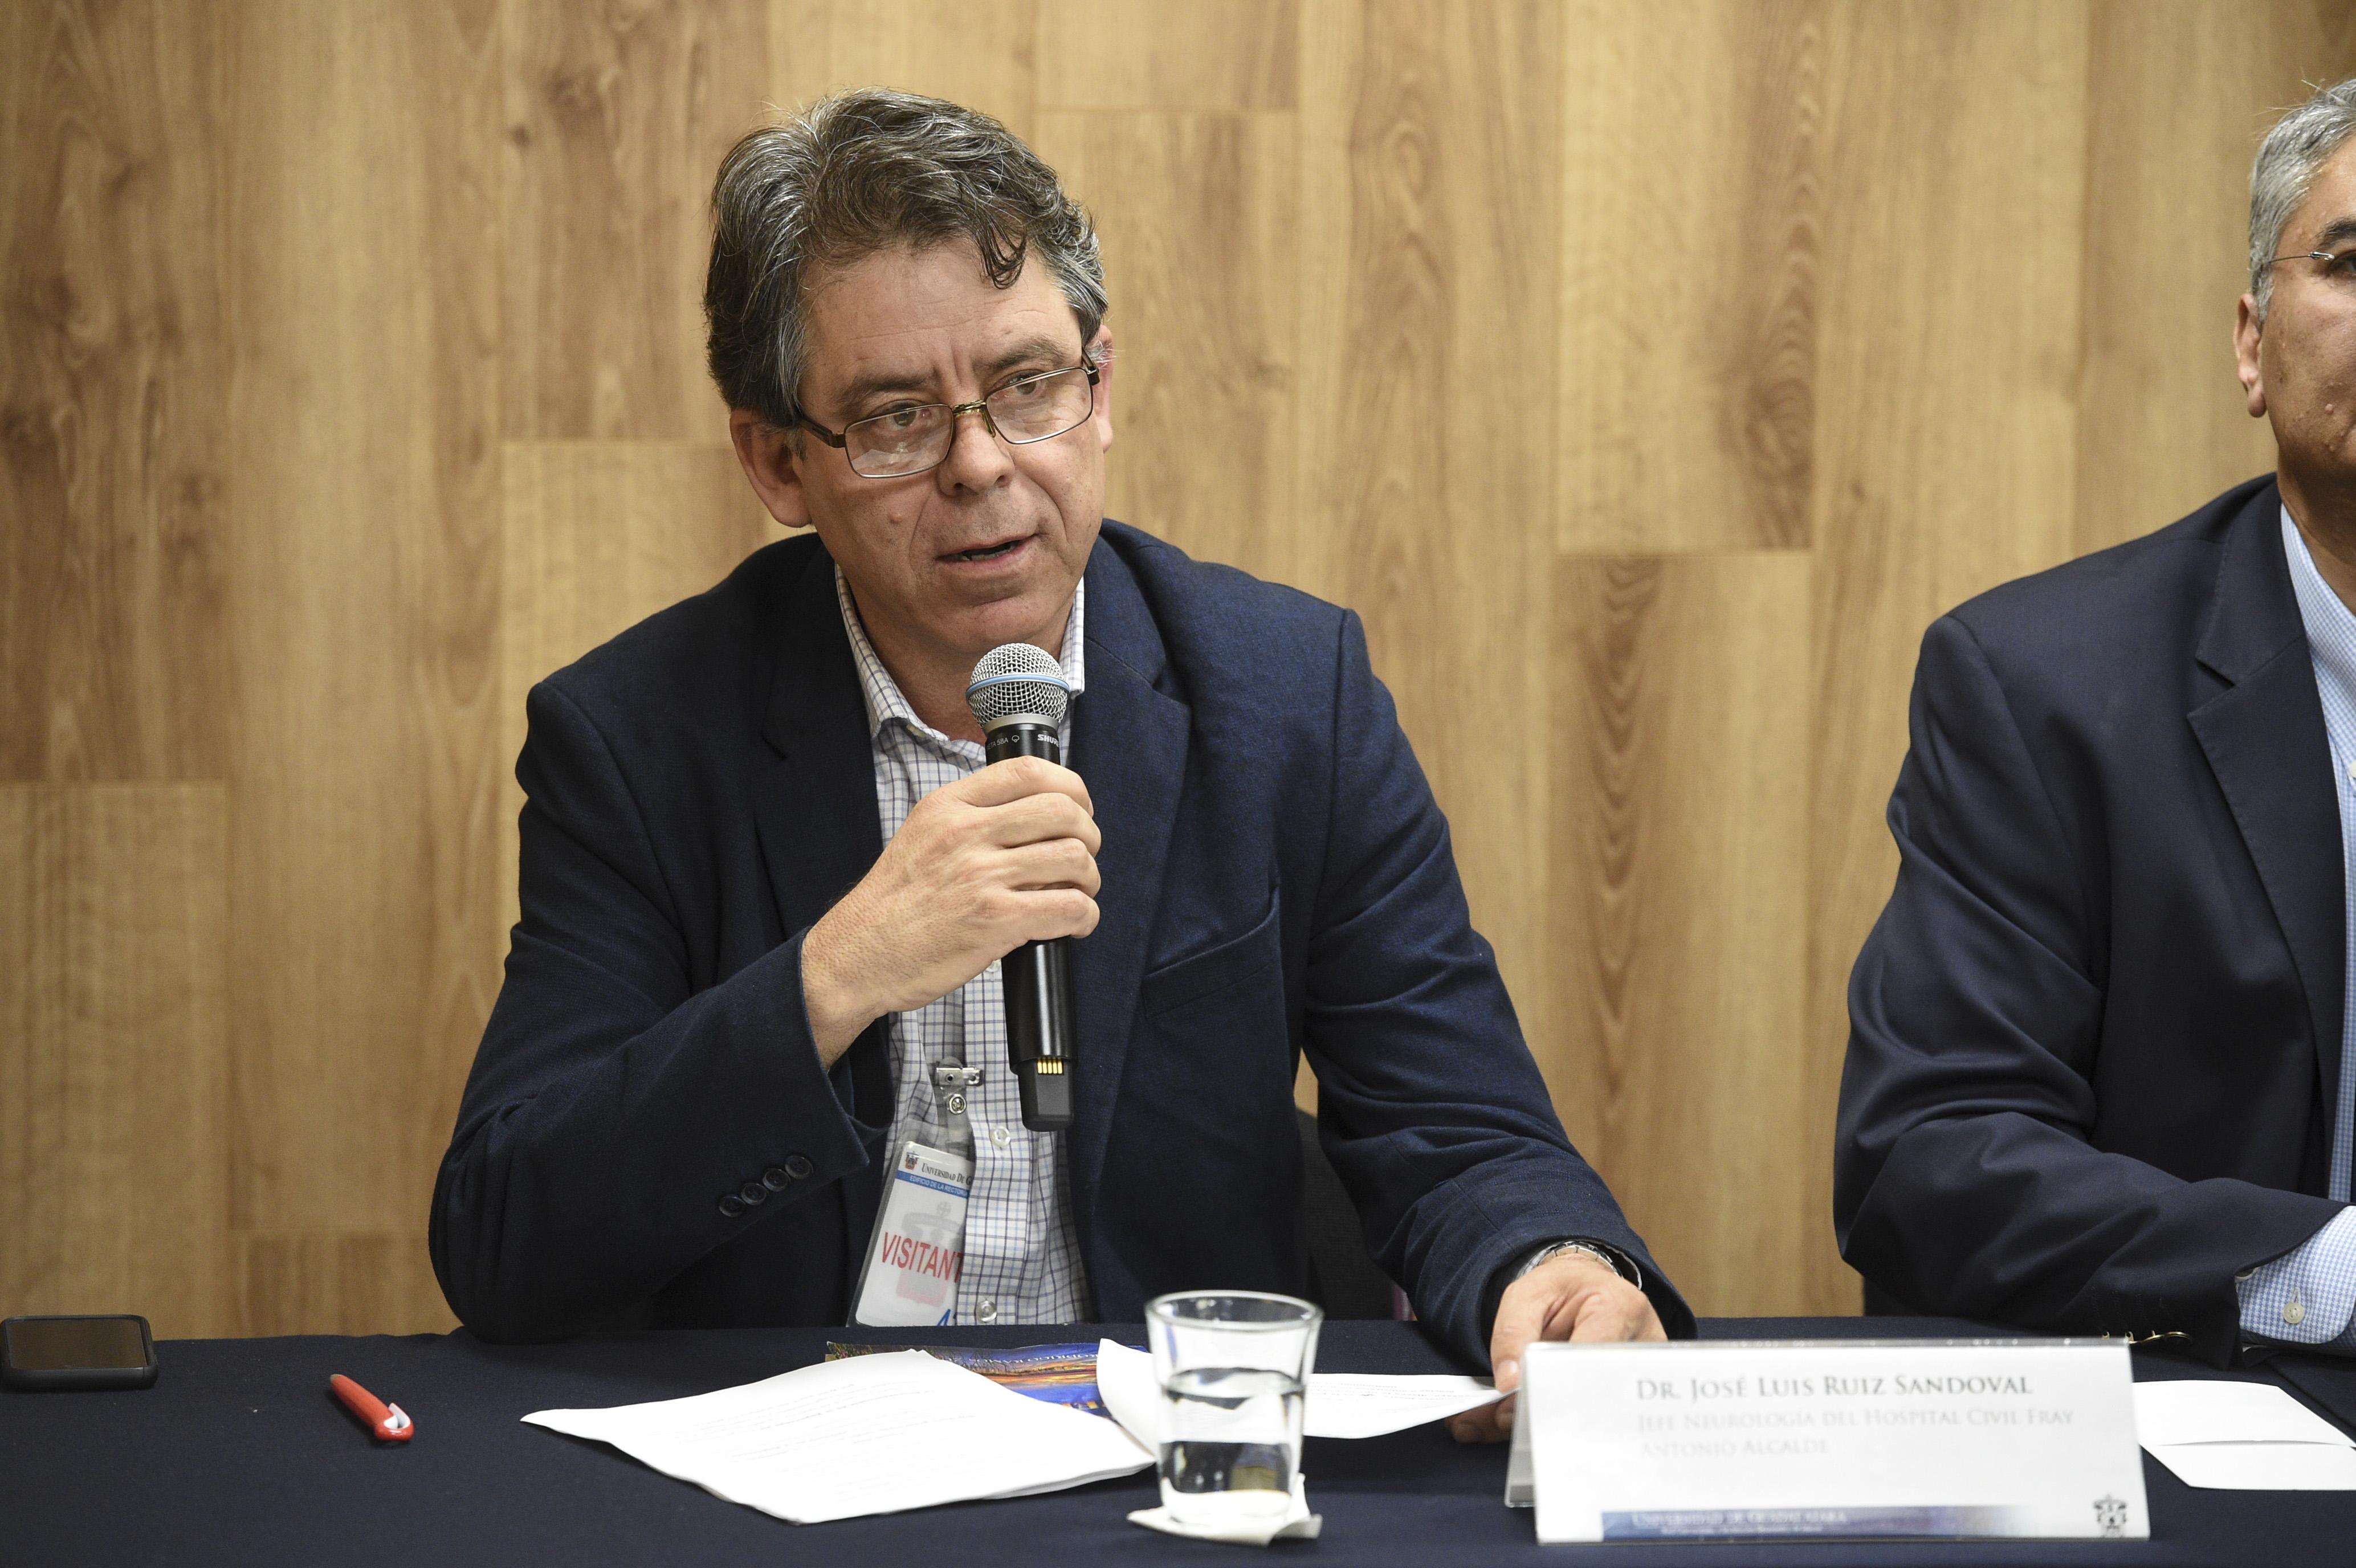 Al micrófono el Dr. José Luis Ruíz Sandoval, ofreciendo una semblanza del Dr. Rodrigo Ramos Zúñiga